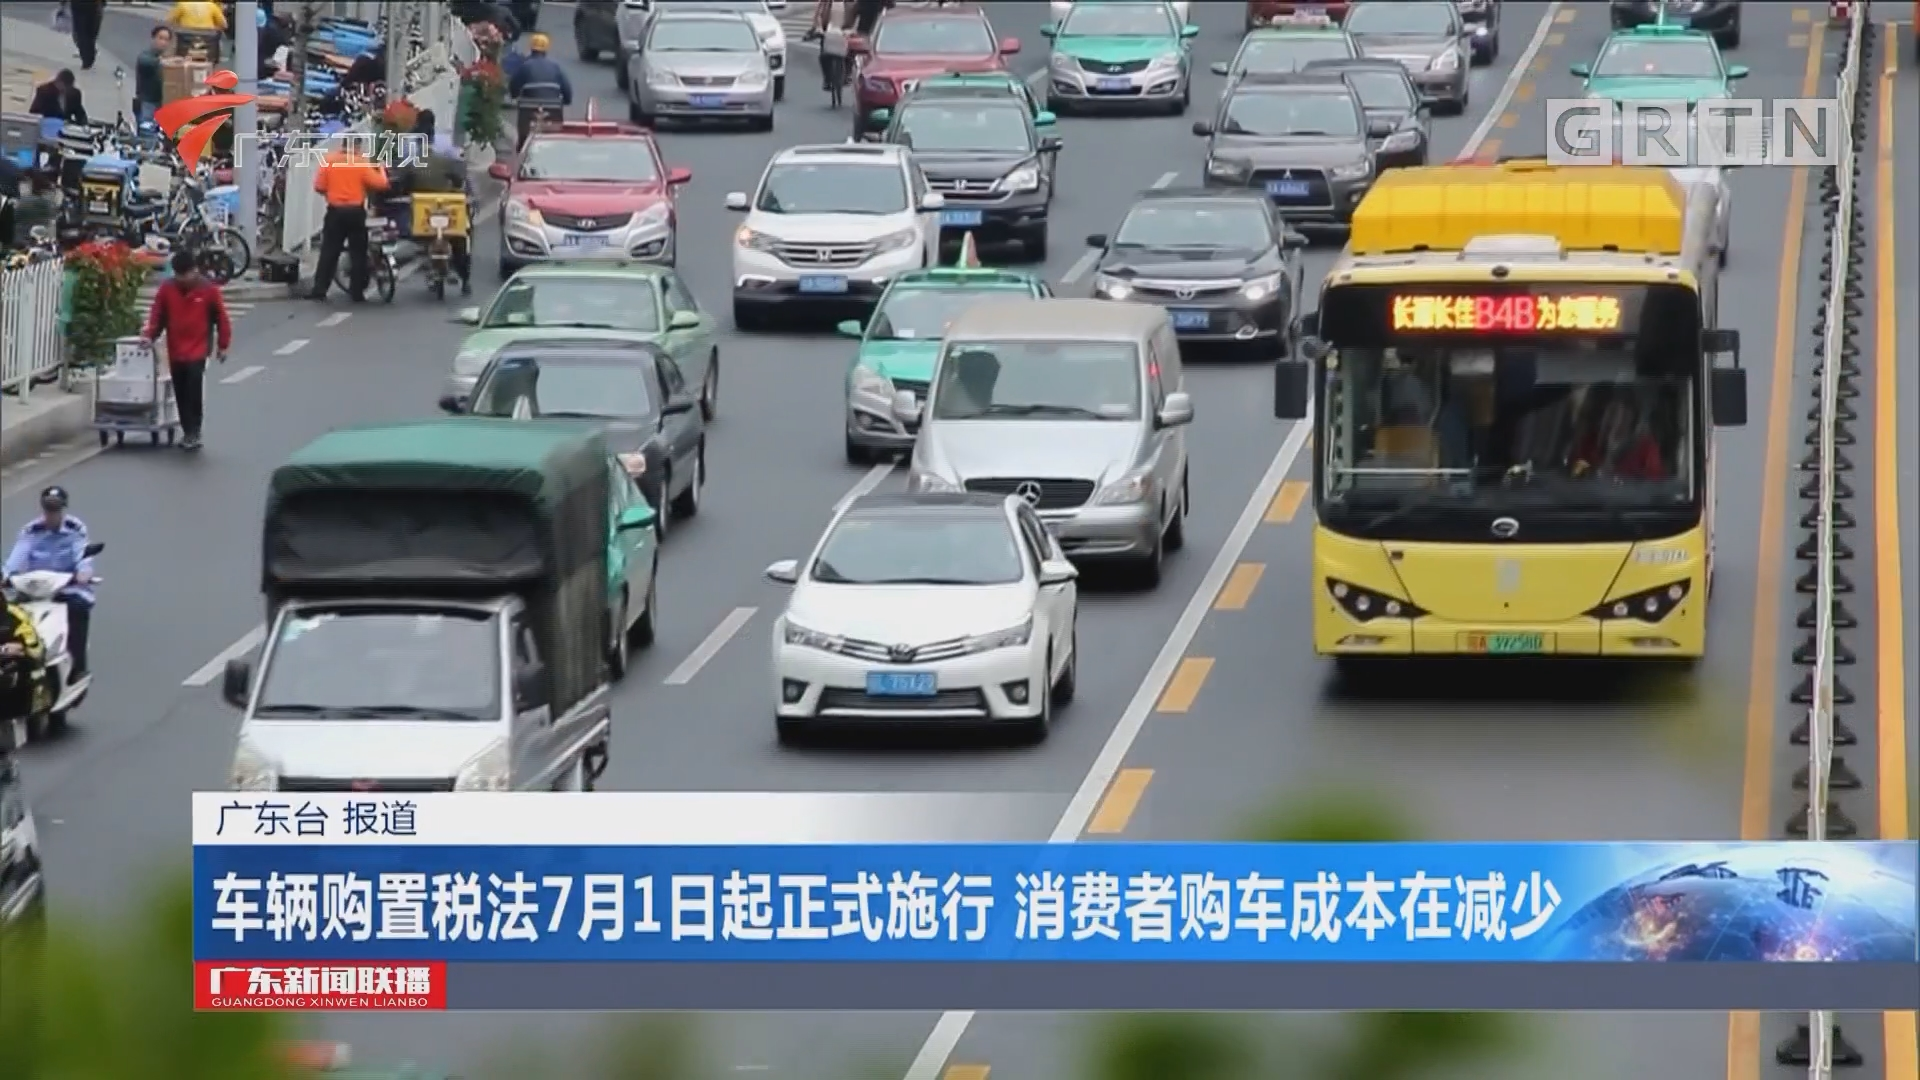 车辆购置税法7月1日起正式施行 消费者购车成本在减少